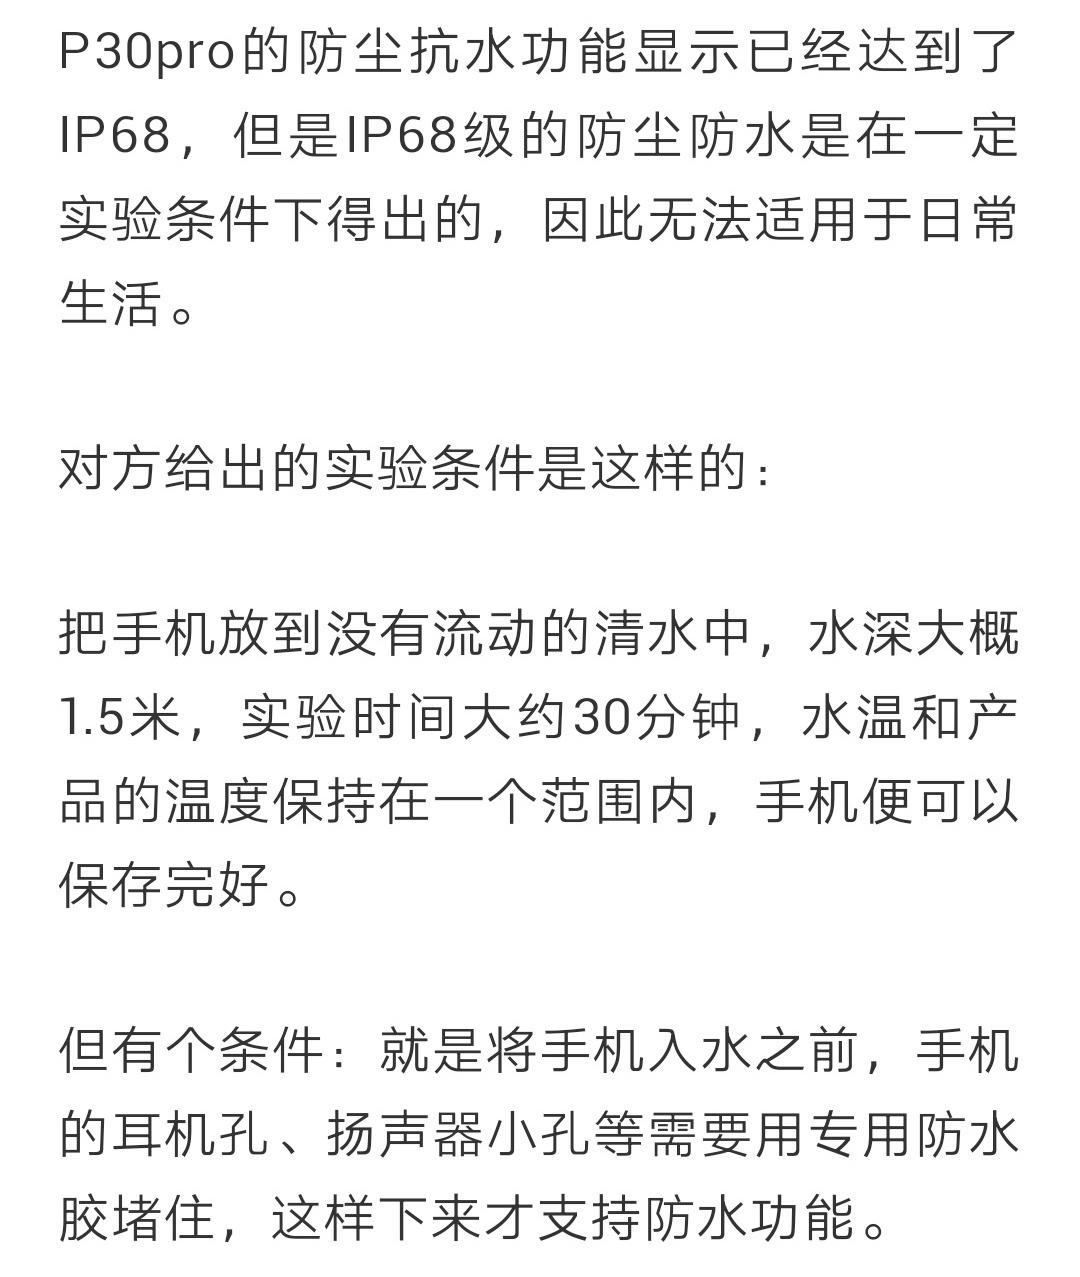 P30 Pro落水死机,华为表示防水功能前提是要把手机全部孔隙堵住